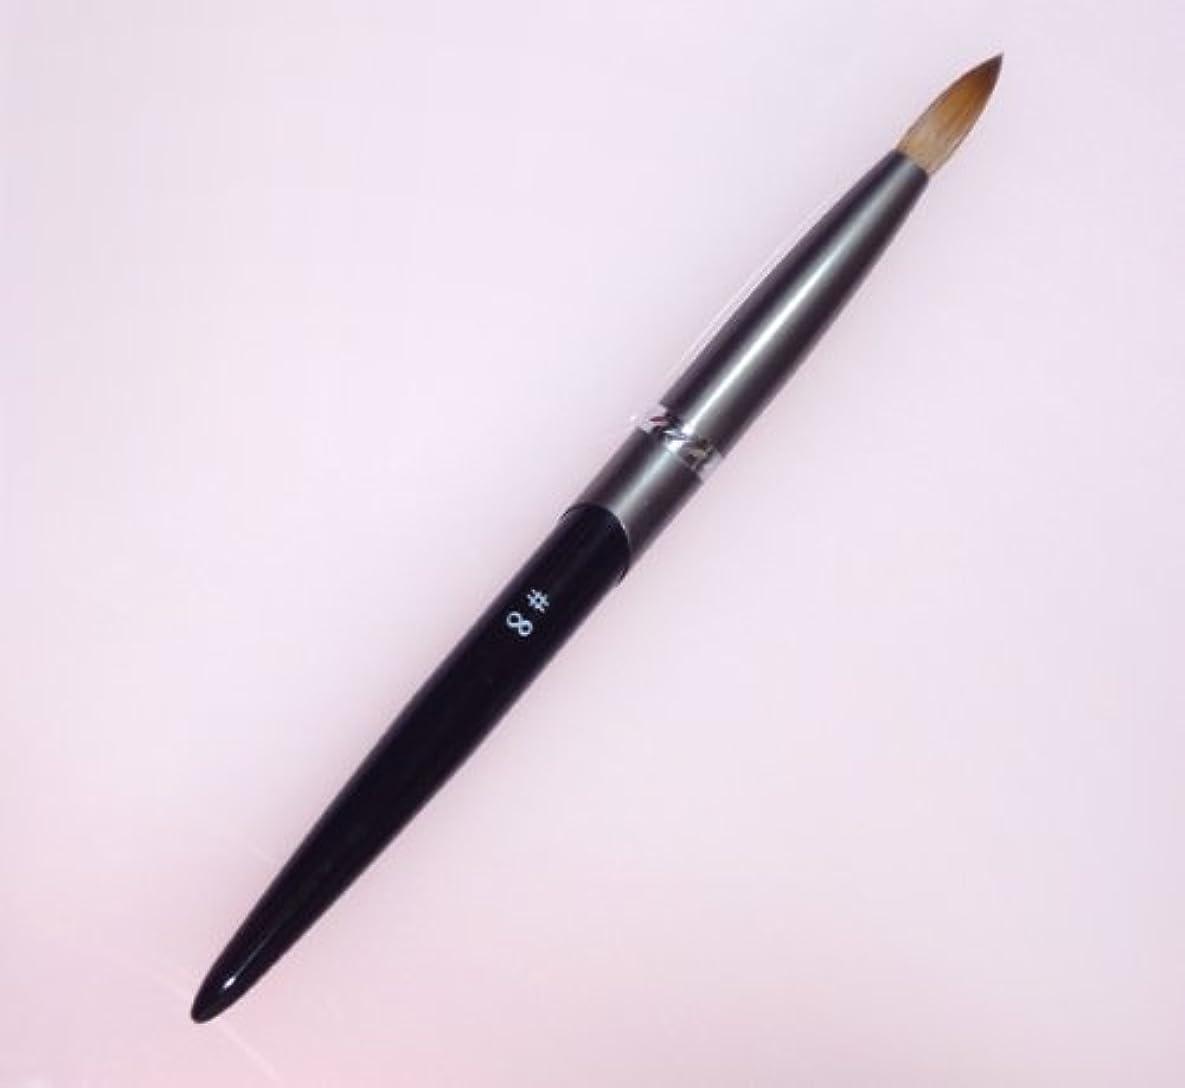 呼び起こすアラーム未就学密毛 高級アクリル用 コリンスキーブラシ ラウンド スカルプ筆 オール金属製の柄です